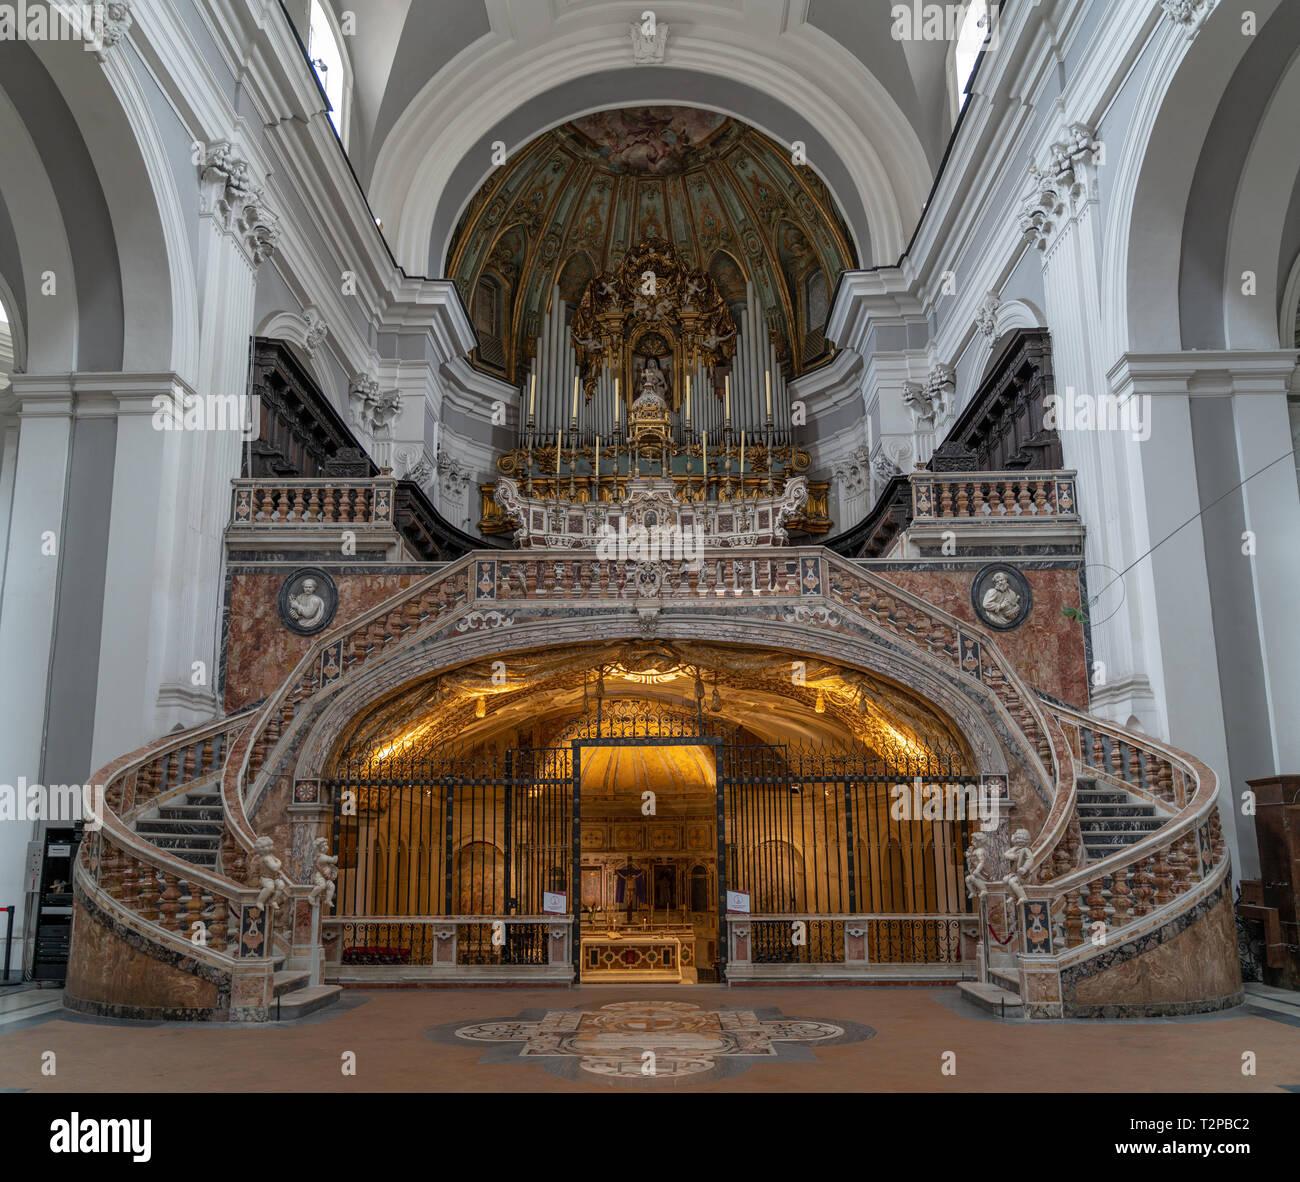 Napoli, la Basílica di Santa Maria della Sanità, l'imponente salita all'altare maggiore sovrasta la cripta paleocristiana accesso alle catacombe di Imagen De Stock